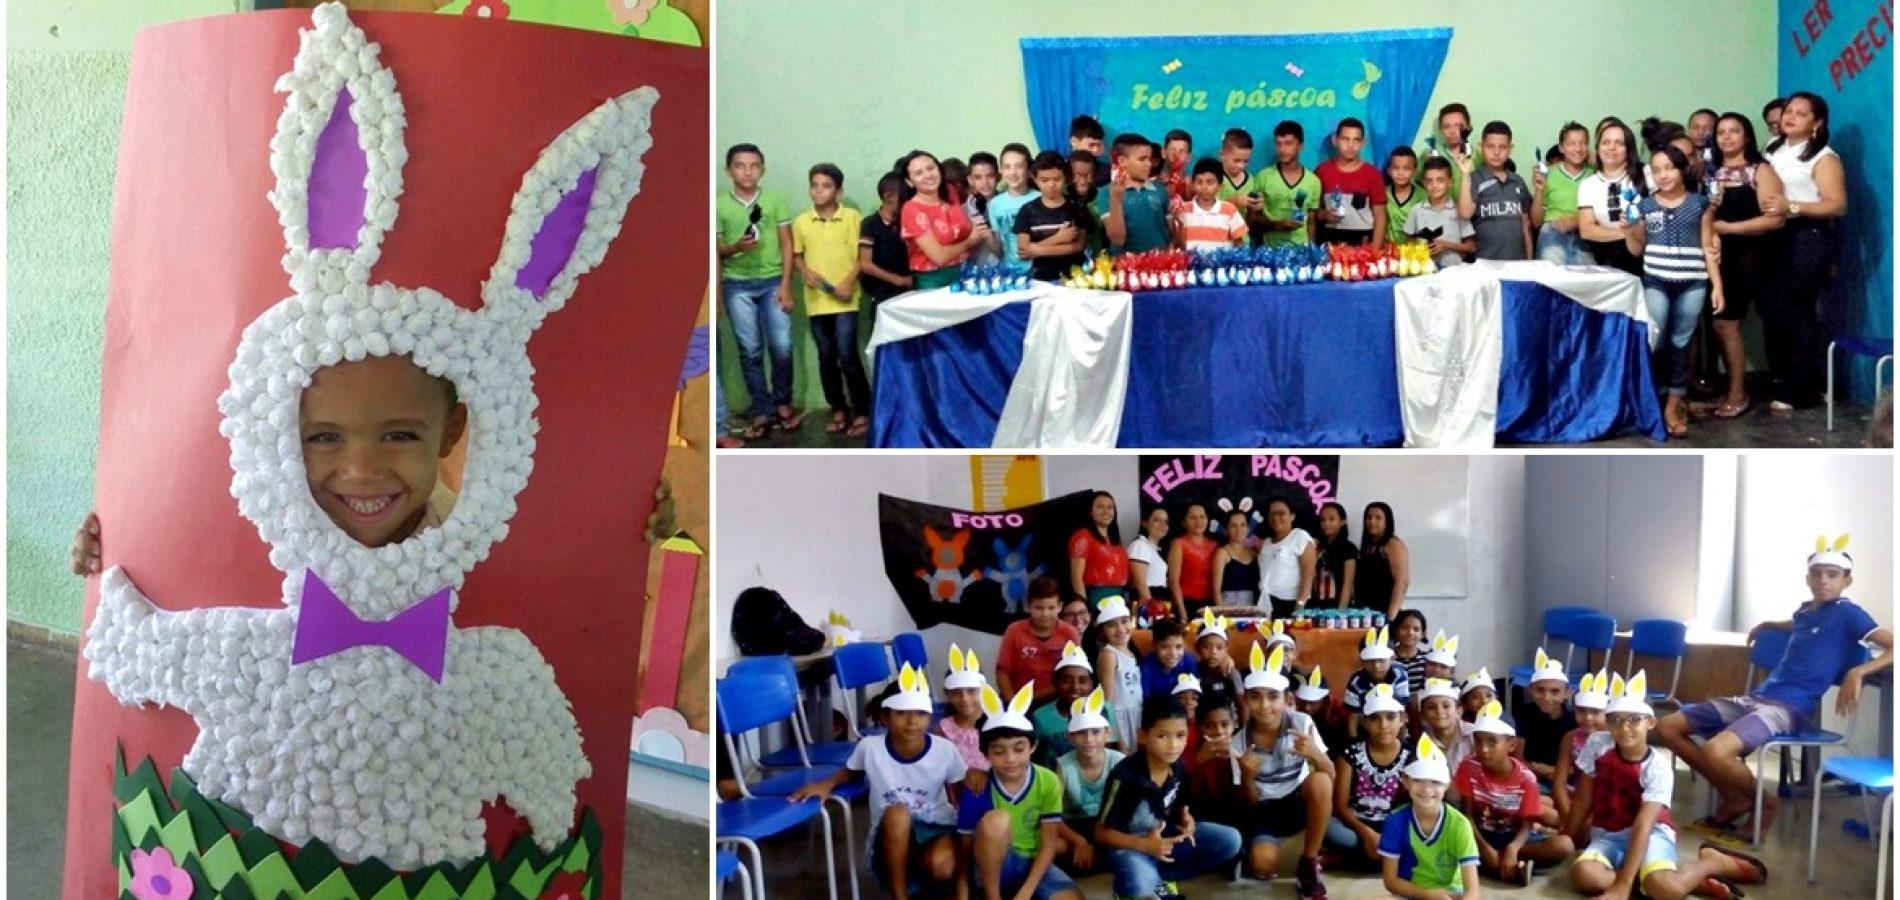 Prefeitura de Vera Mendes distribuiovos de páscoa para alunosda rede municipal